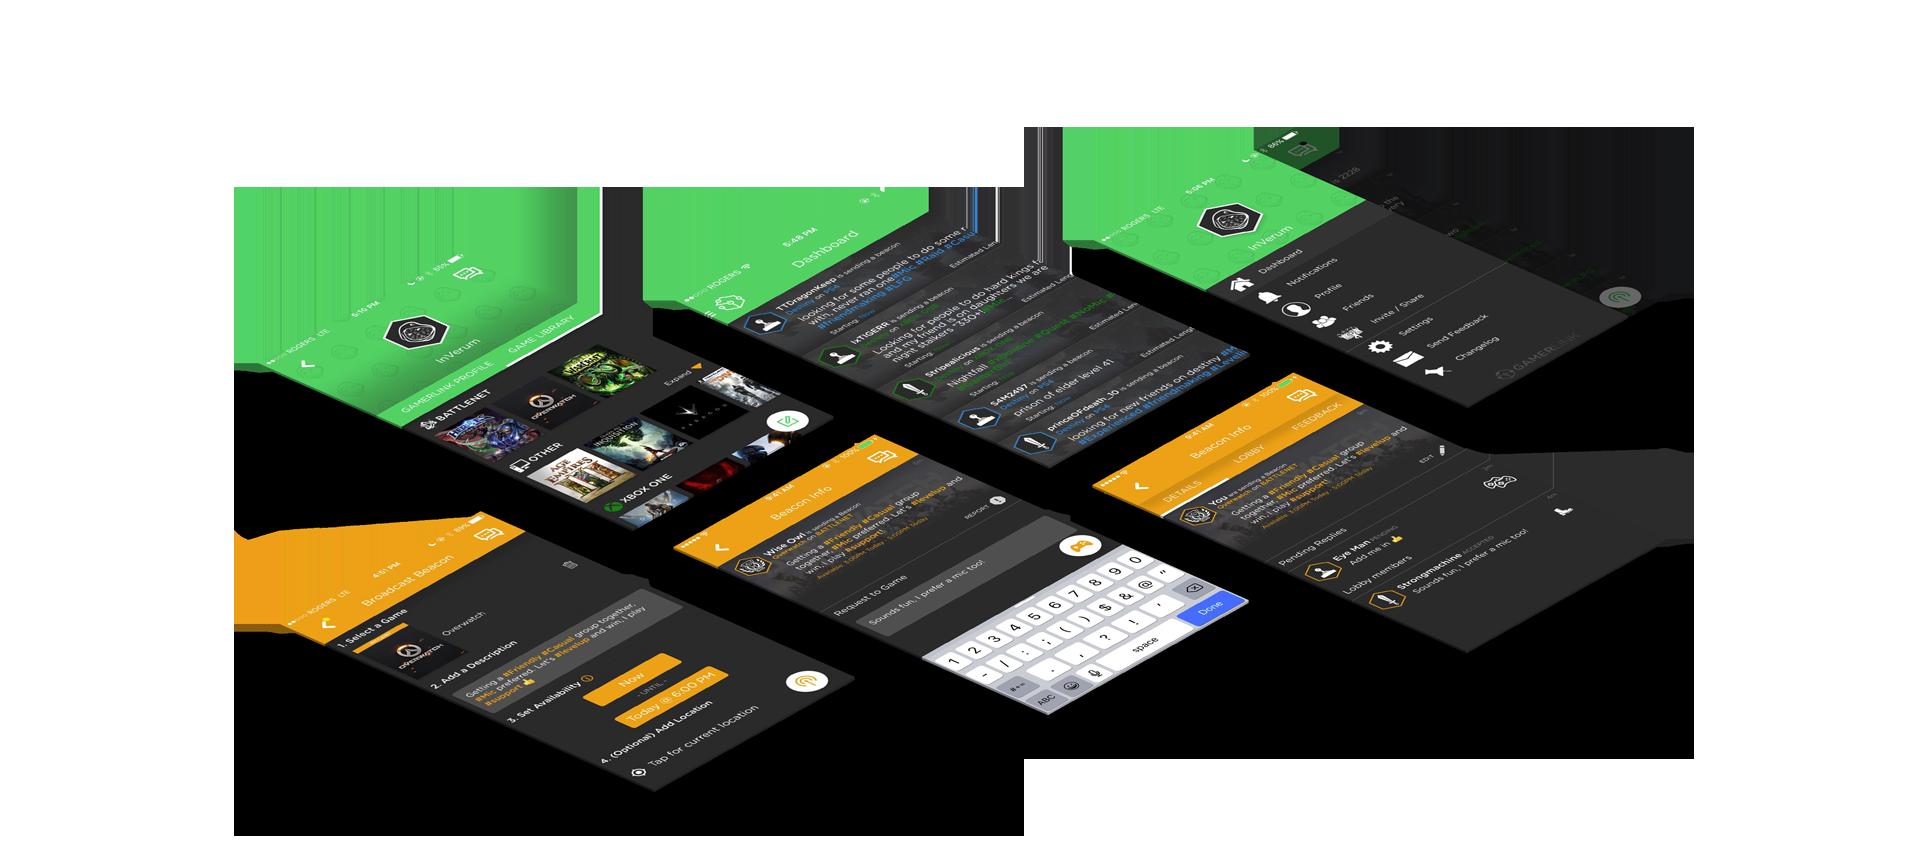 Download The Best PLAYERUNKNOWN'S BATTLEGROUNDS LFG App